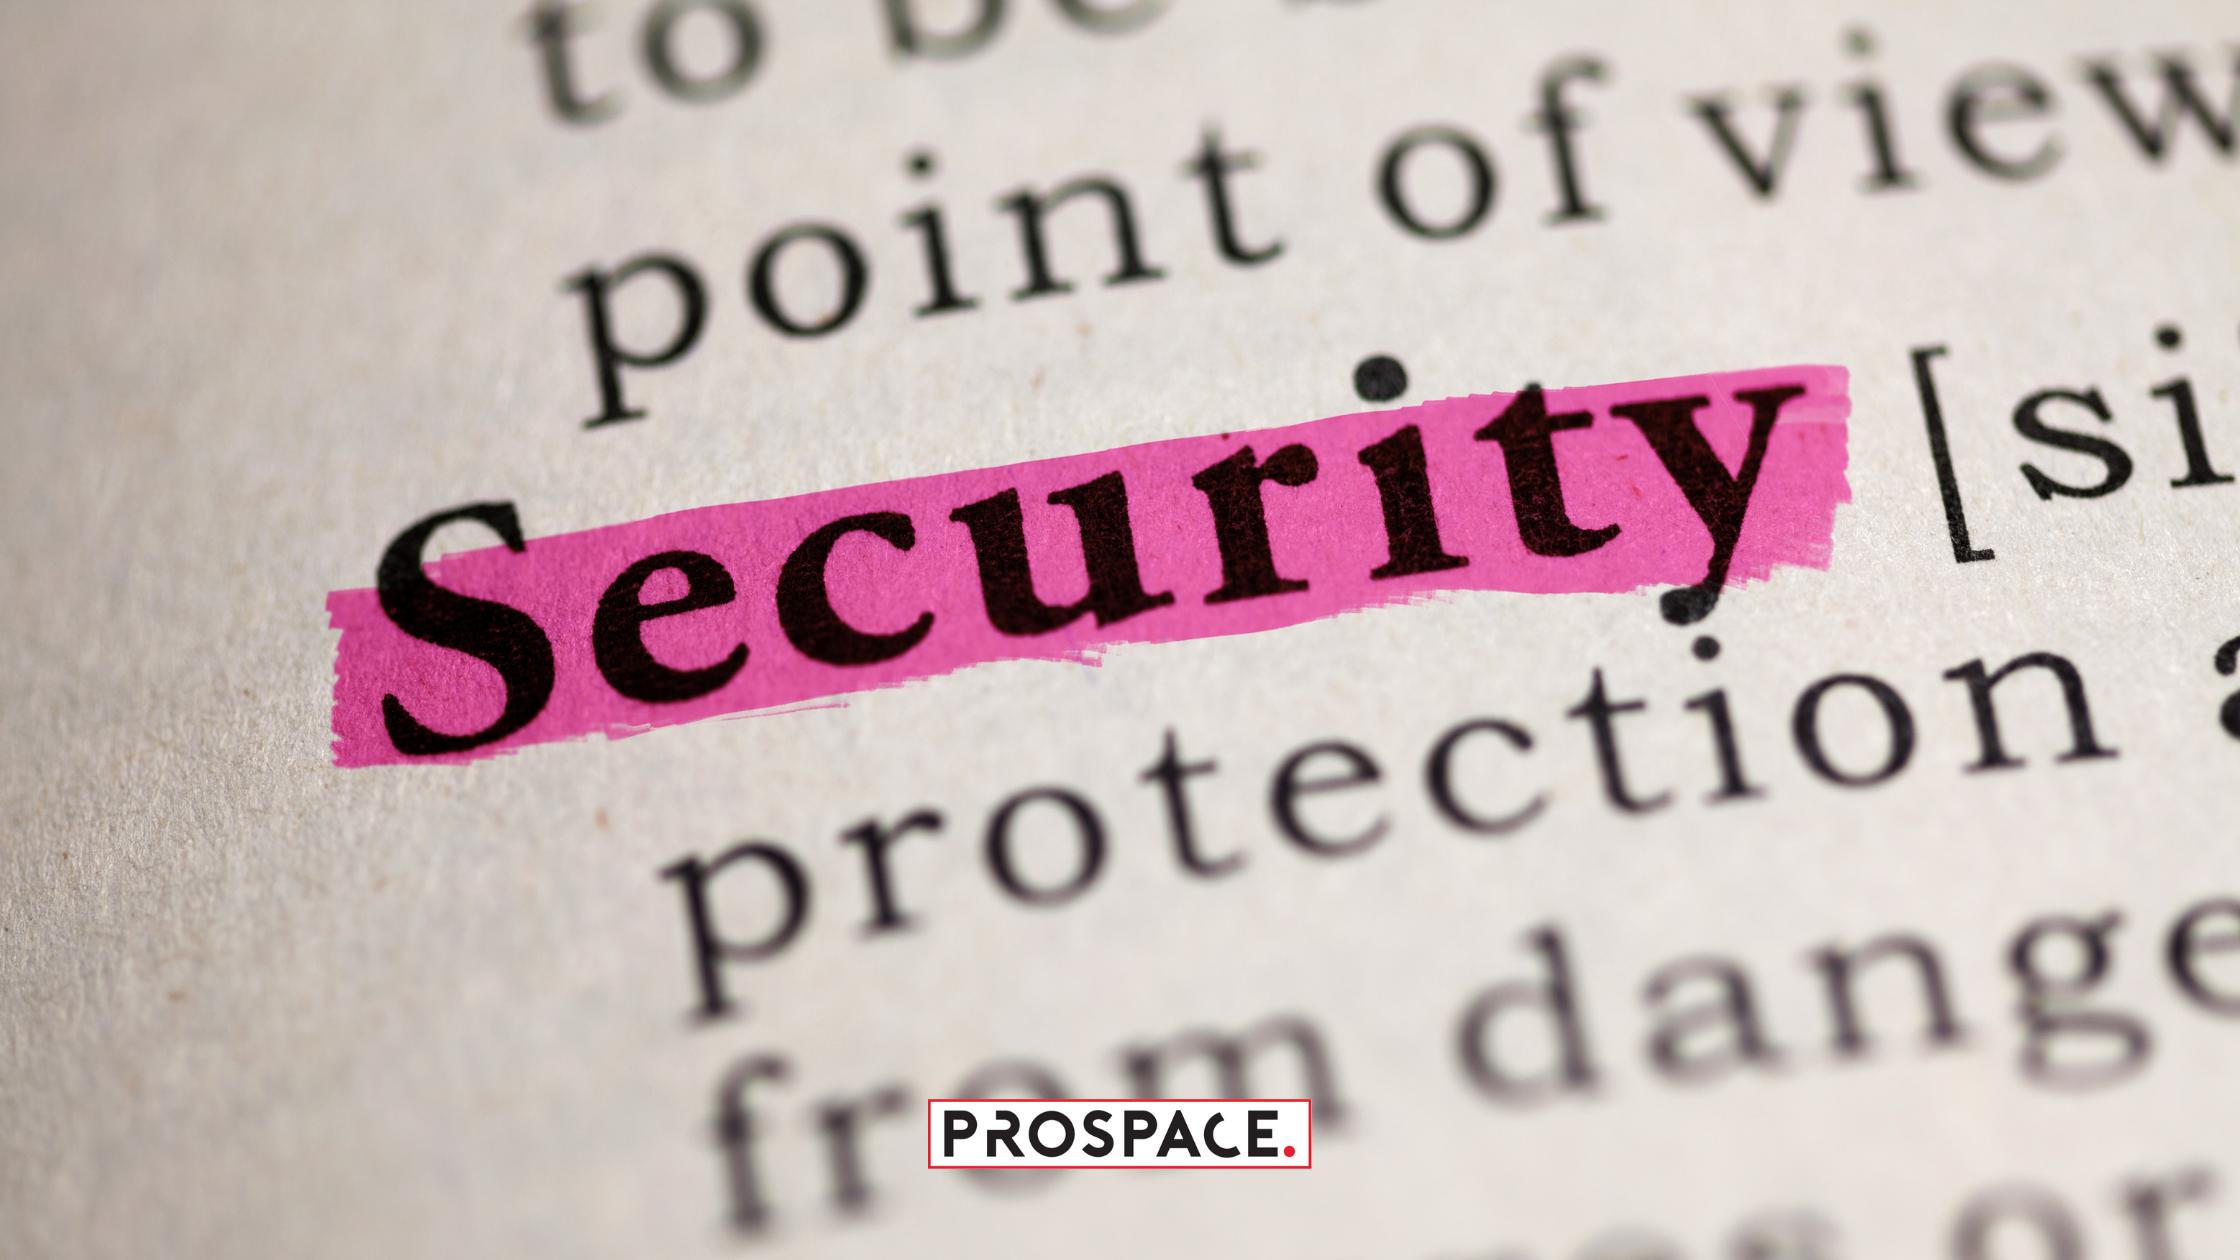 Apple ยืนหนึ่งเรื่องความปลอดภัย หยุดการโกงธุรกรรมกว่า 1.5 พันล้านเหรียญสหรัฐ